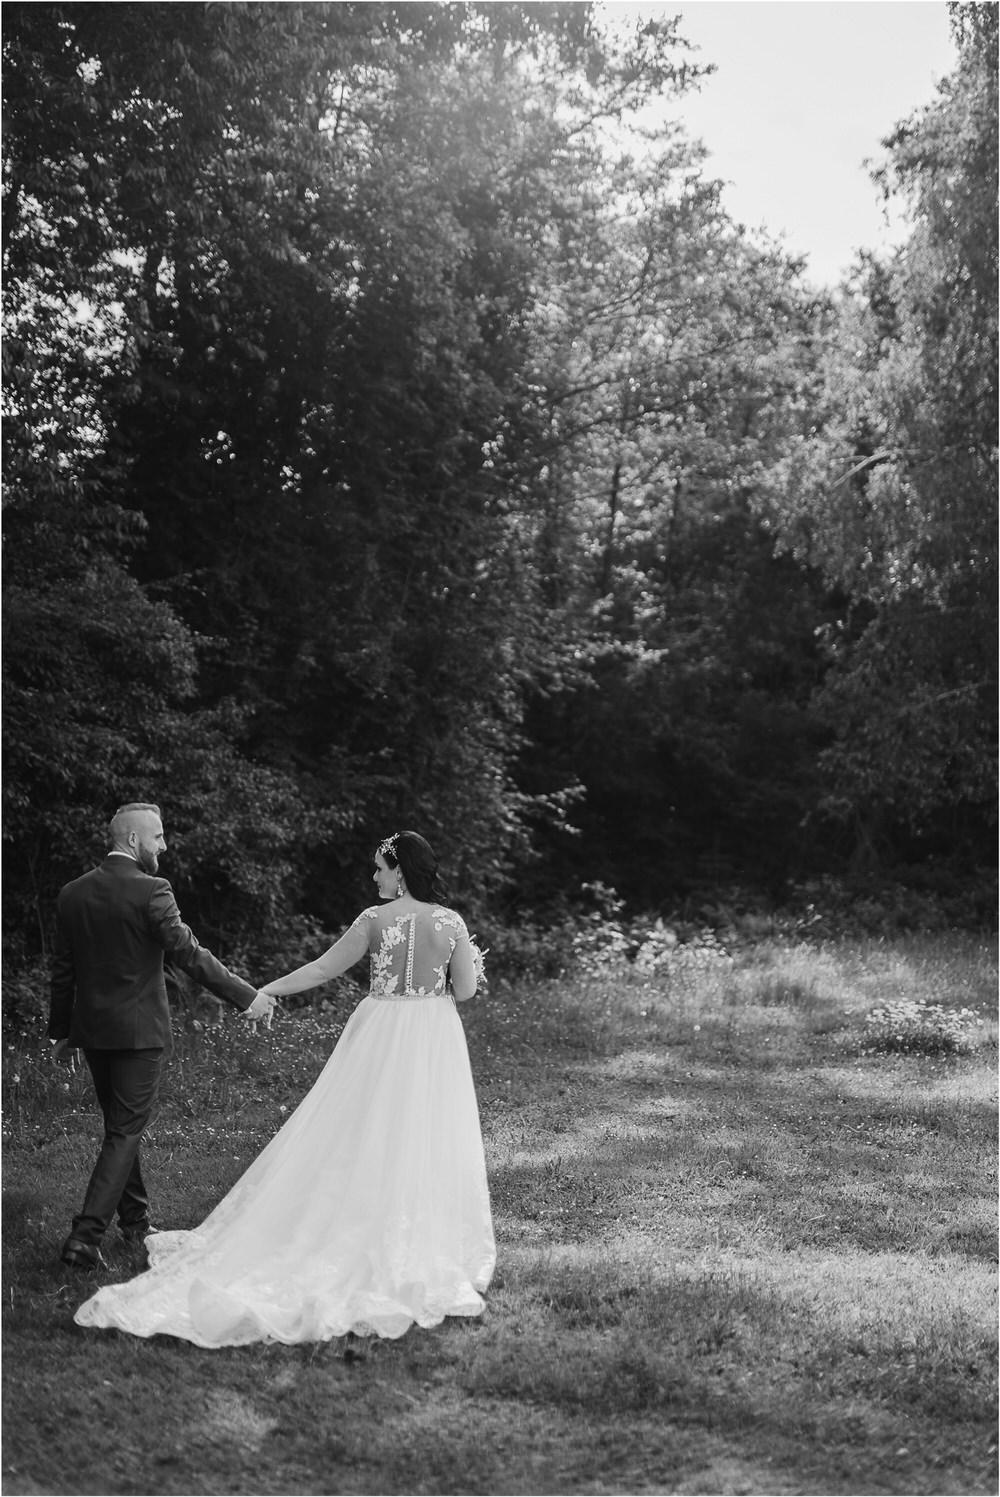 skedenj poroka porocni fotograf fotografiranje elegantna poroka rustikalna poroka pod kozolcem pcakes velesovo mdetail nika grega 0084.jpg